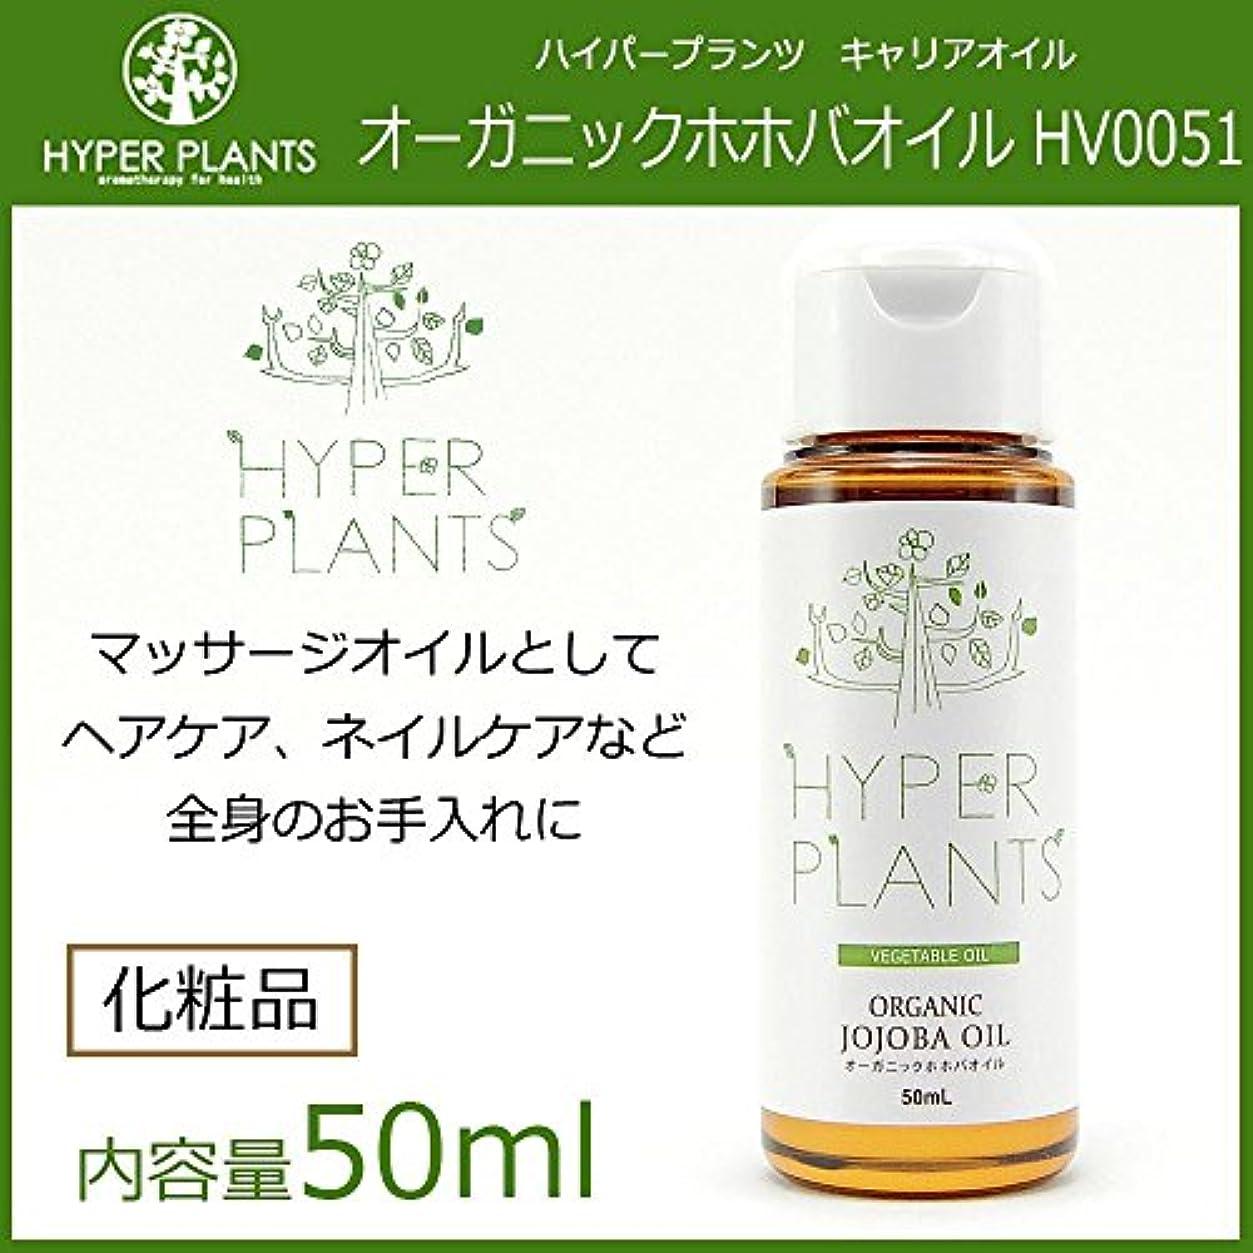 絶望ブラウン定刻HYPER PLANTS ハイパープランツ キャリアオイル オーガニックホホバオイル 50ml HV0051